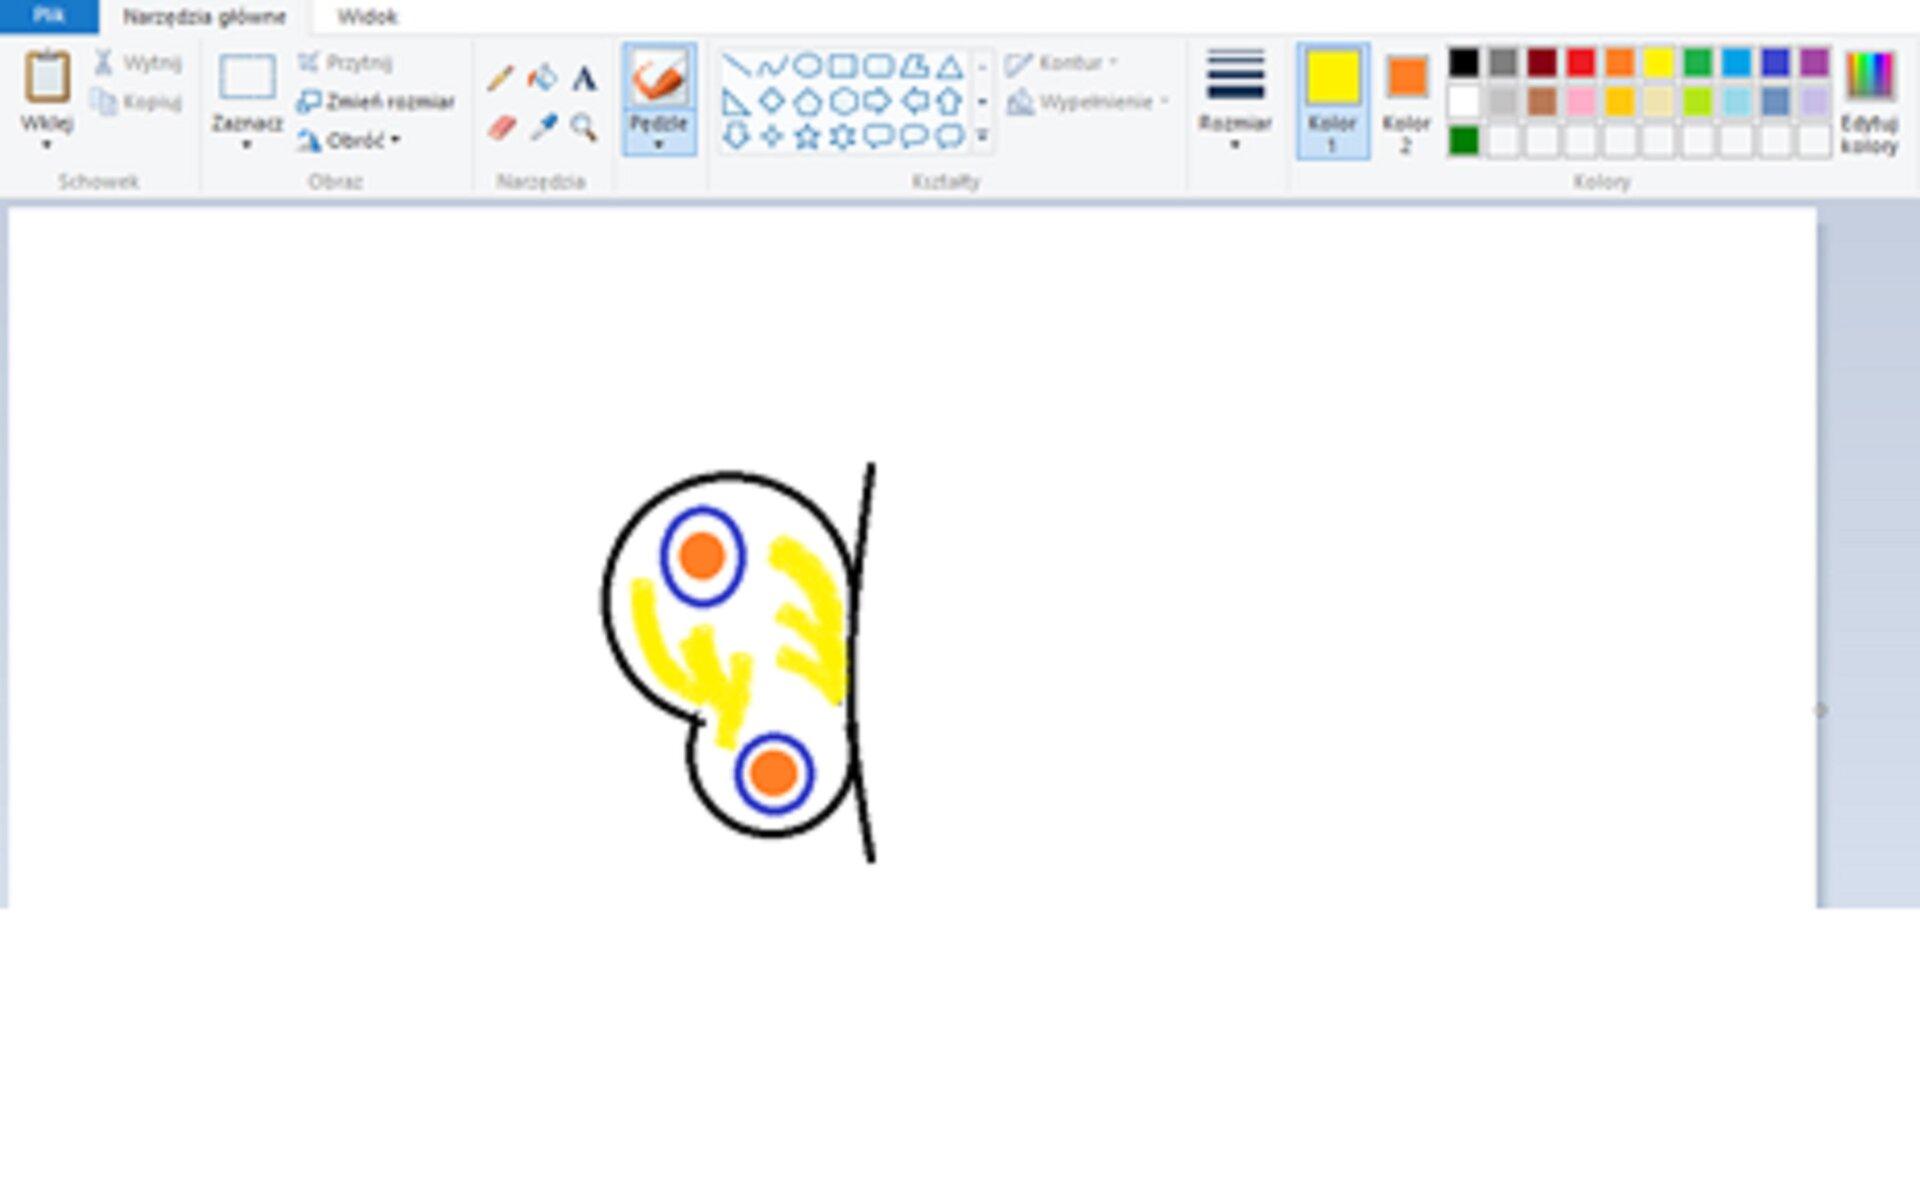 Zrzut okna programu Paint zilustracją skrzydła motyla